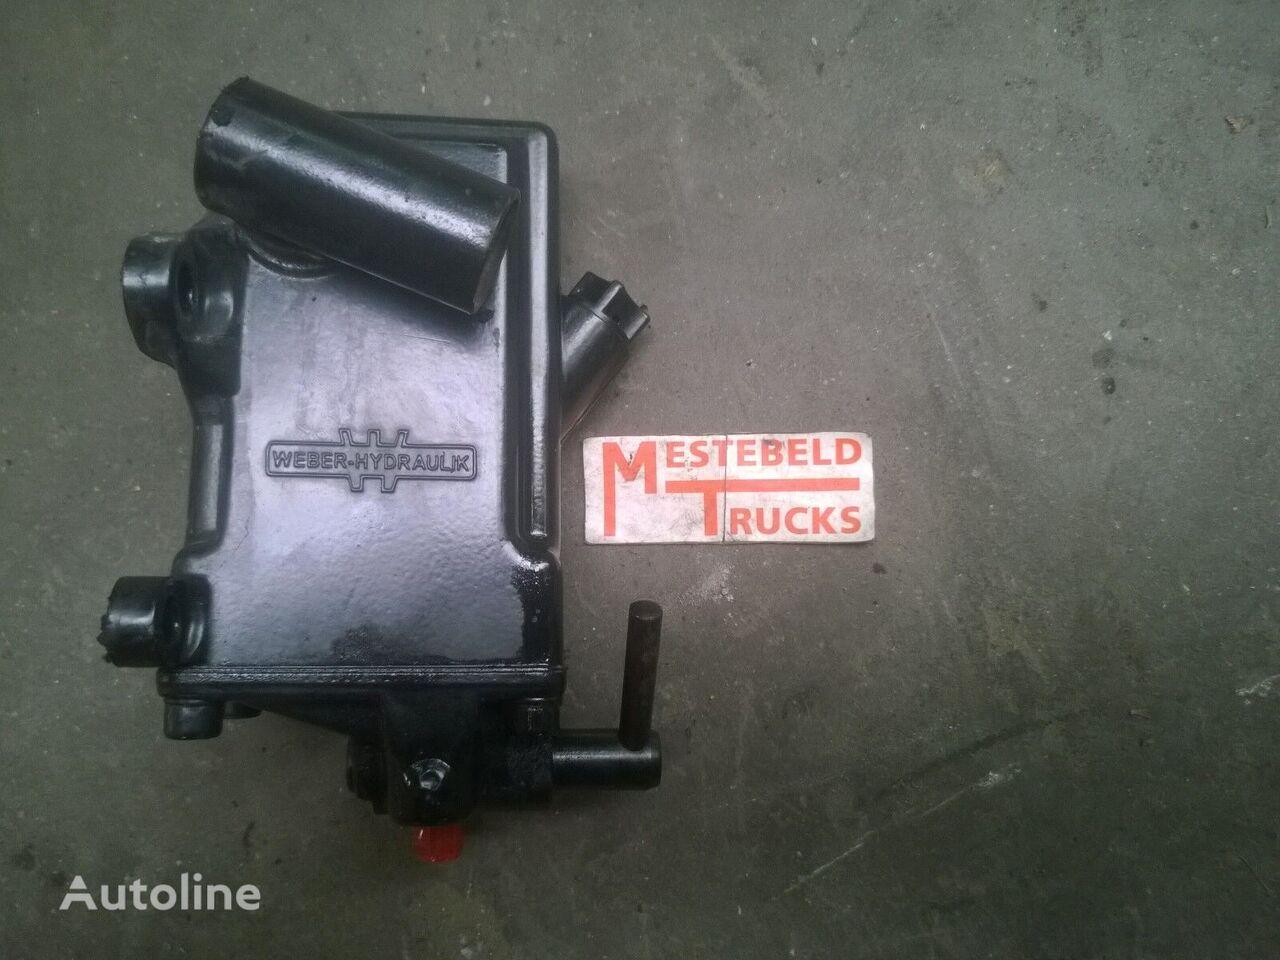 Cabine kantelcilinder spare parts for RENAULT Cabine kantelcilinder Midlum tractor unit